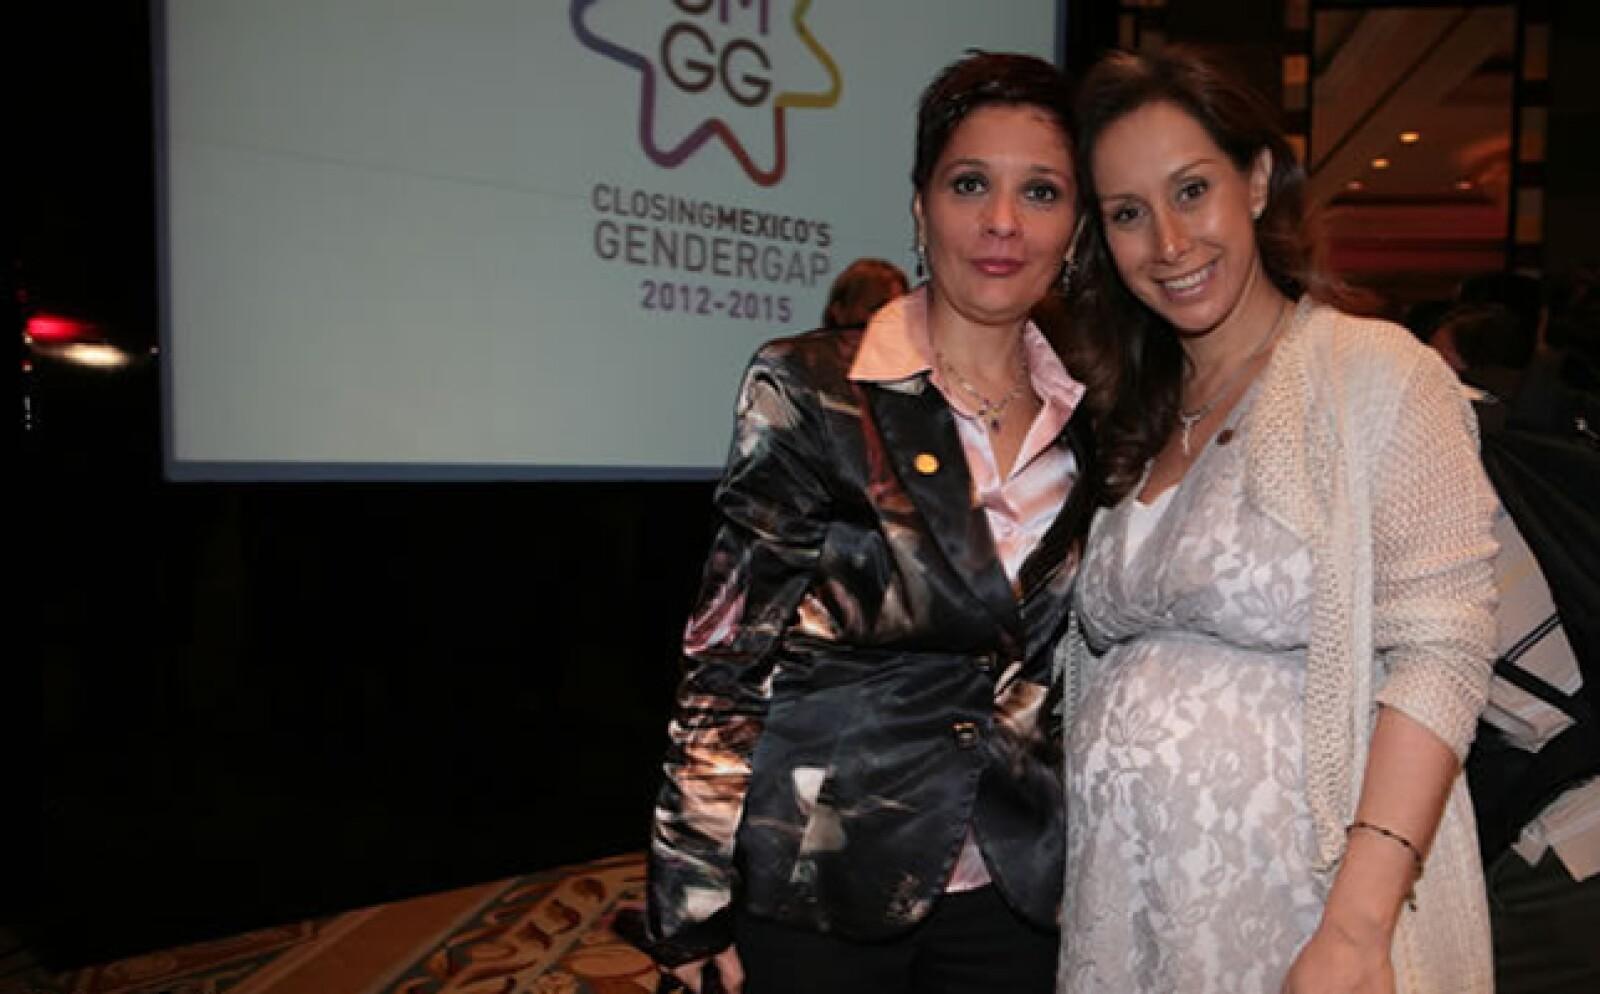 Sylvia Elisa Hernandez, directora corporativa de mercadotecnia global de Gruma y número 24 del ranking, con Carla Juan Chelala, directora general de mercadotencia Banorte-Ixe y número 26 del listado.